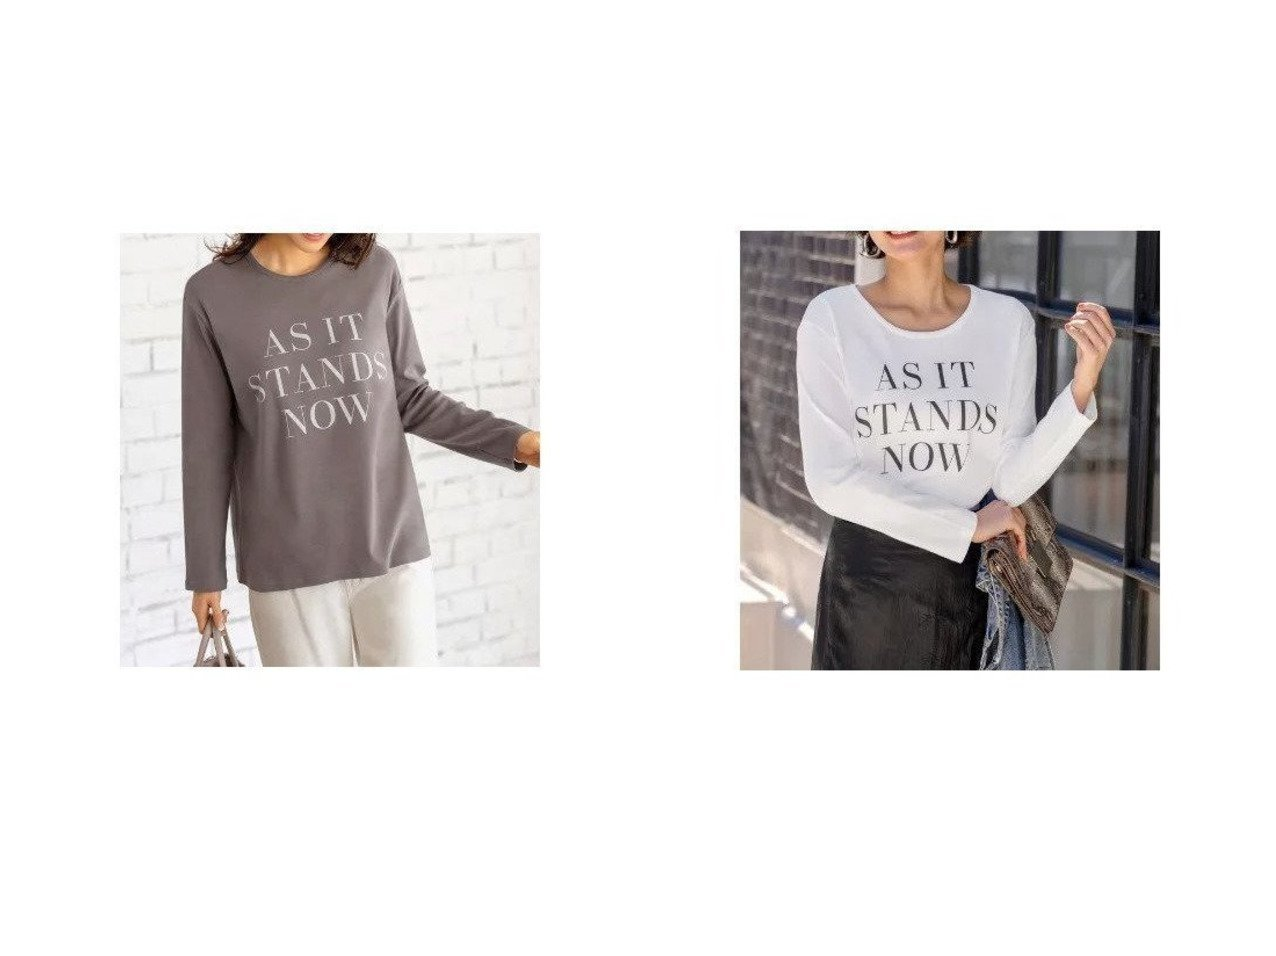 【STYLE DELI/スタイルデリ】の【Made in Japan】AS ITロゴ長袖Tシャツ/狭開き&【Made in Japan】AS ITロゴ長袖Tシャツ/広開き 【トップス・カットソー】おすすめ!人気、トレンド・レディースファッションの通販  おすすめで人気の流行・トレンド、ファッションの通販商品 メンズファッション・キッズファッション・インテリア・家具・レディースファッション・服の通販 founy(ファニー) https://founy.com/ ファッション Fashion レディースファッション WOMEN トップス・カットソー Tops/Tshirt シャツ/ブラウス Shirts/Blouses ロング / Tシャツ T-Shirts カットソー Cut and Sewn イエロー カットソー サロペット デコルテ 人気 長袖 パジャマ フォルム プリント ベーシック 日本製 Made in Japan  ID:crp329100000027733